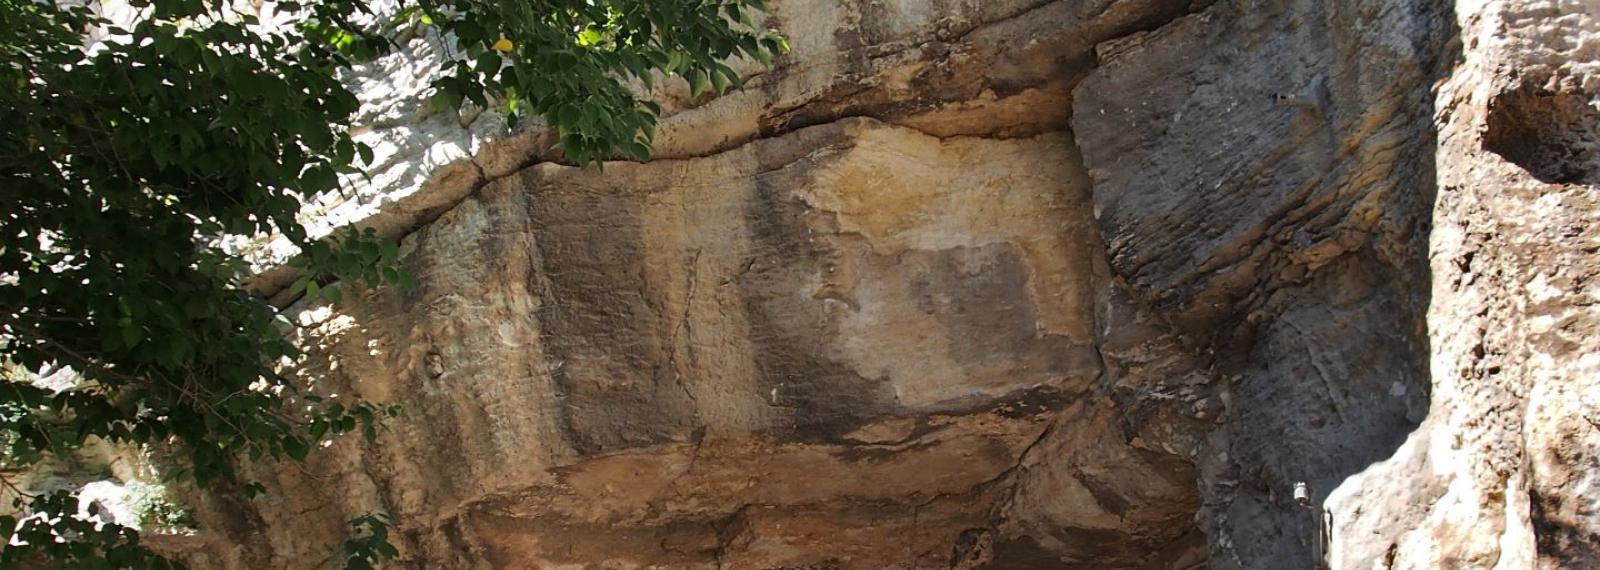 Quartier Le Planet - ancienne carrière de pierre de Fontvieille